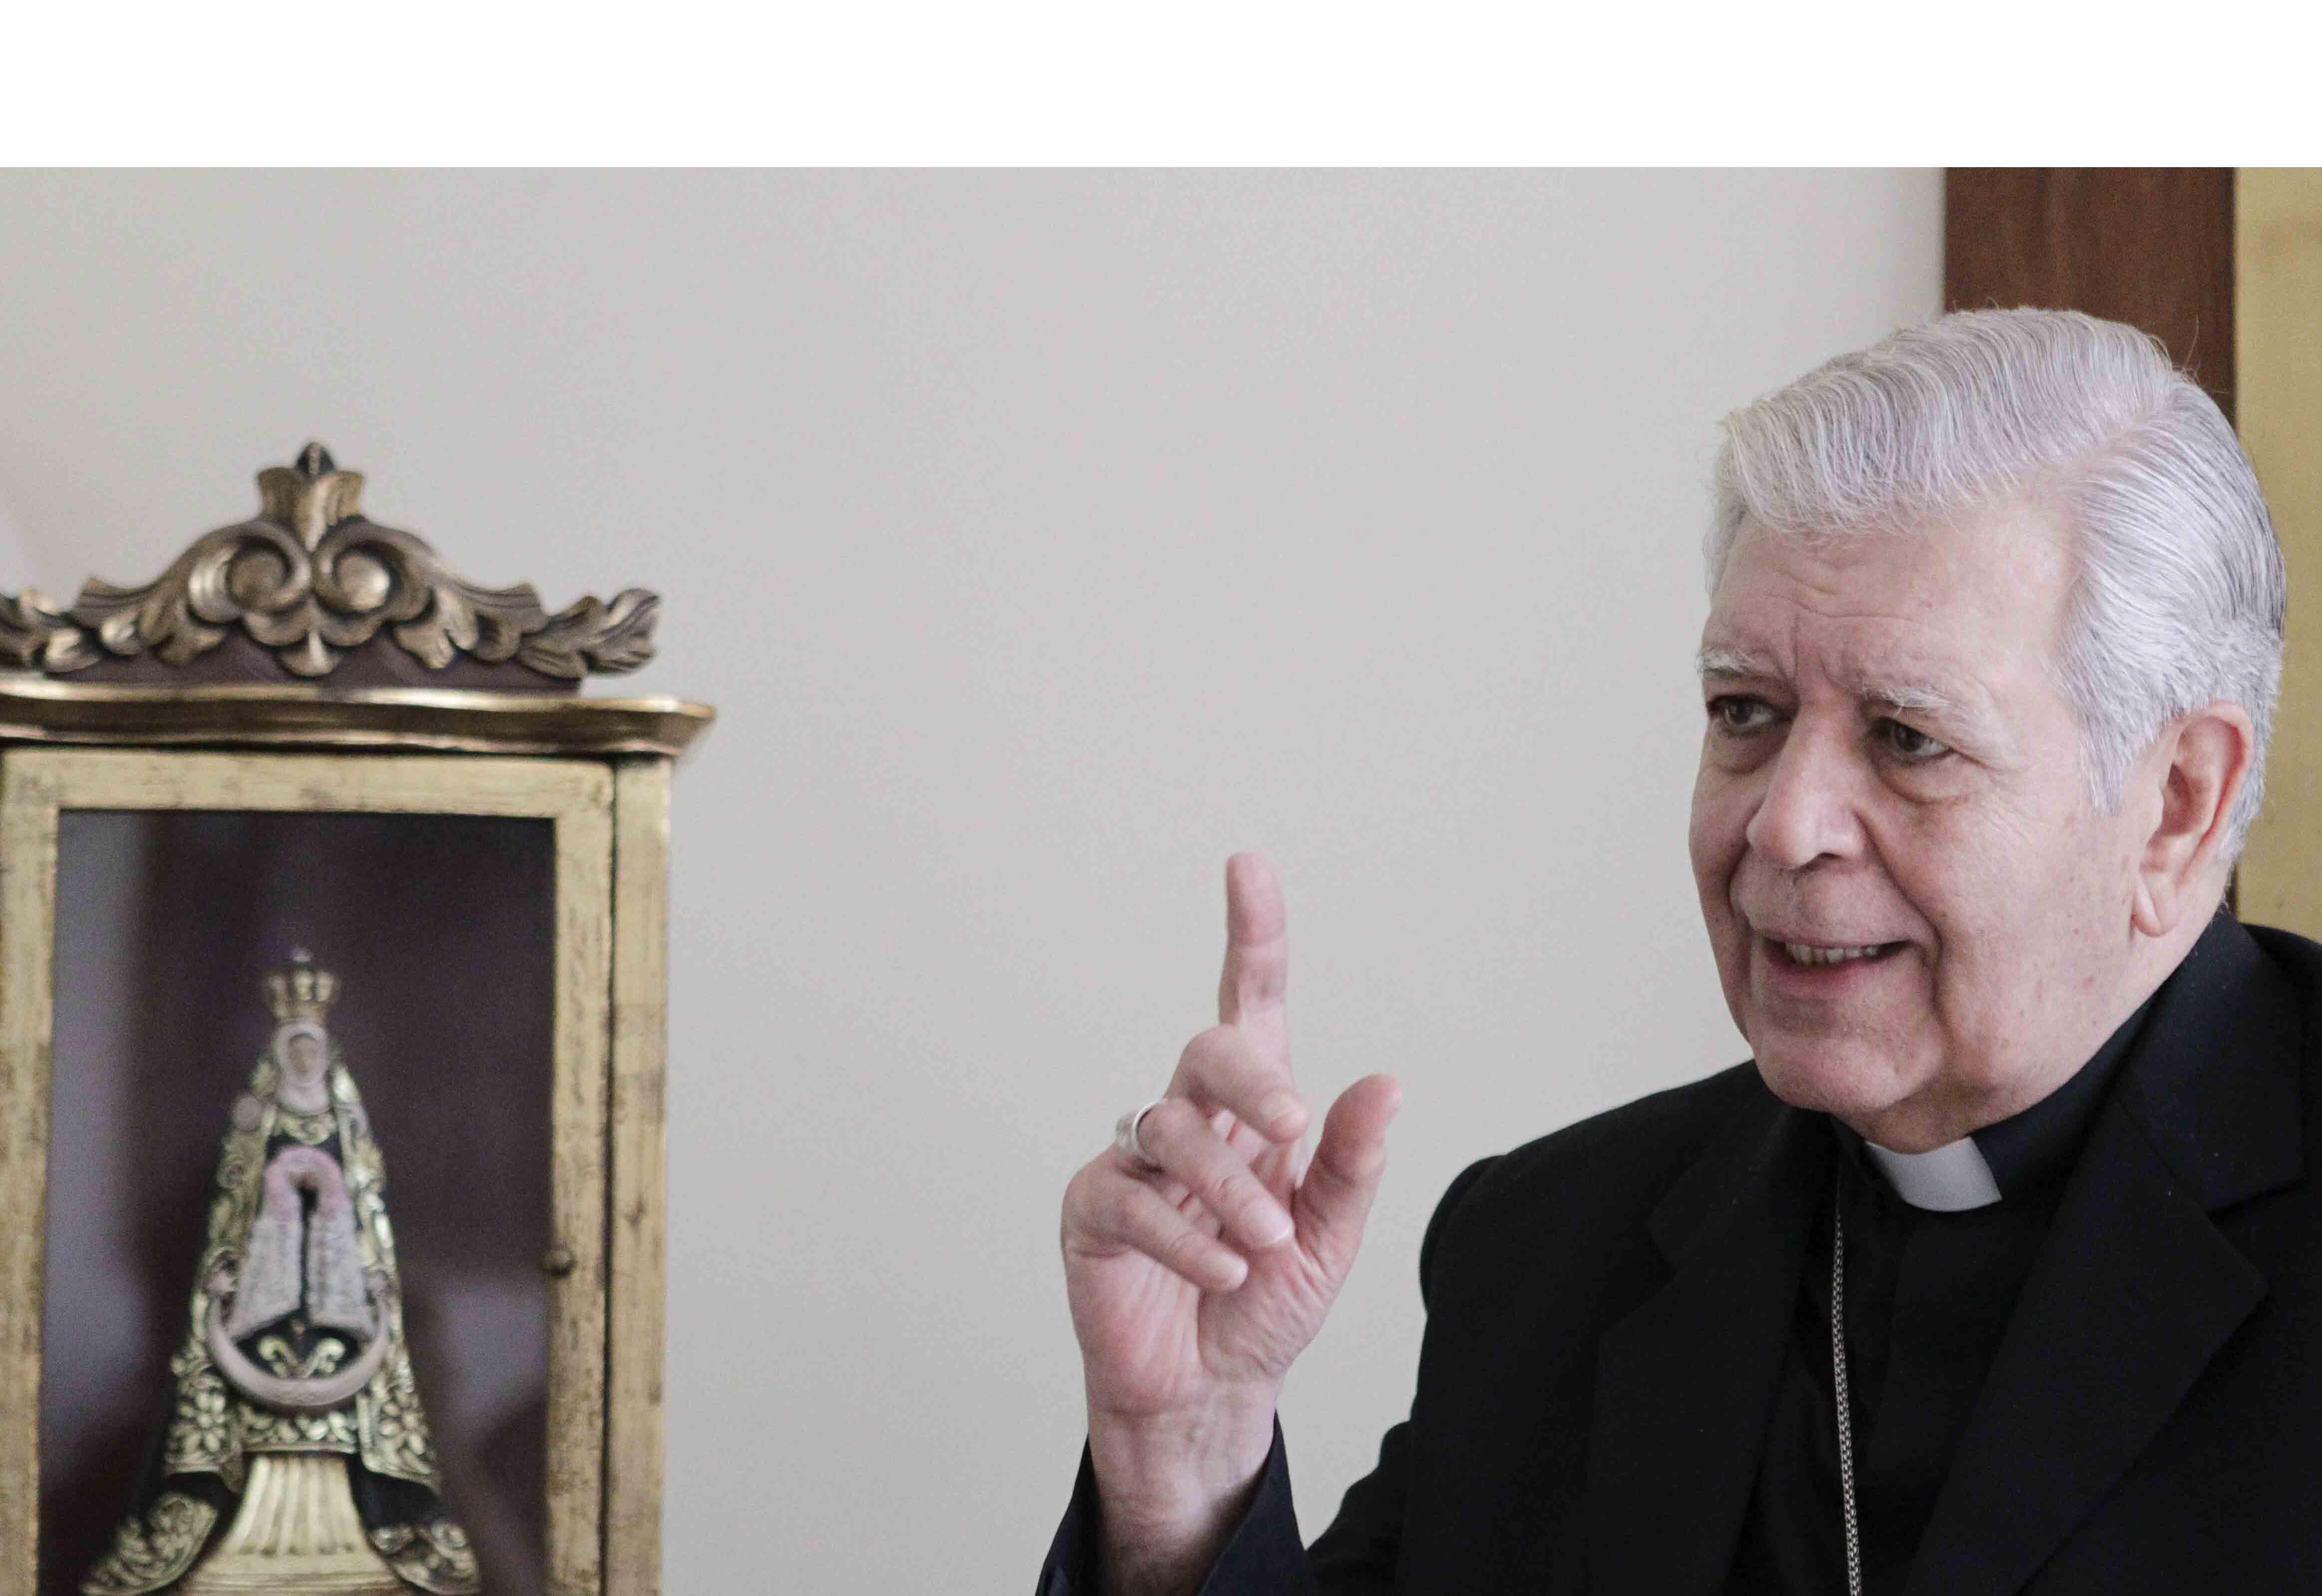 El arzobispo de Caracas indicó que el diálogo en Venezuela debe darse pero que era necesario el referendo revocatorio